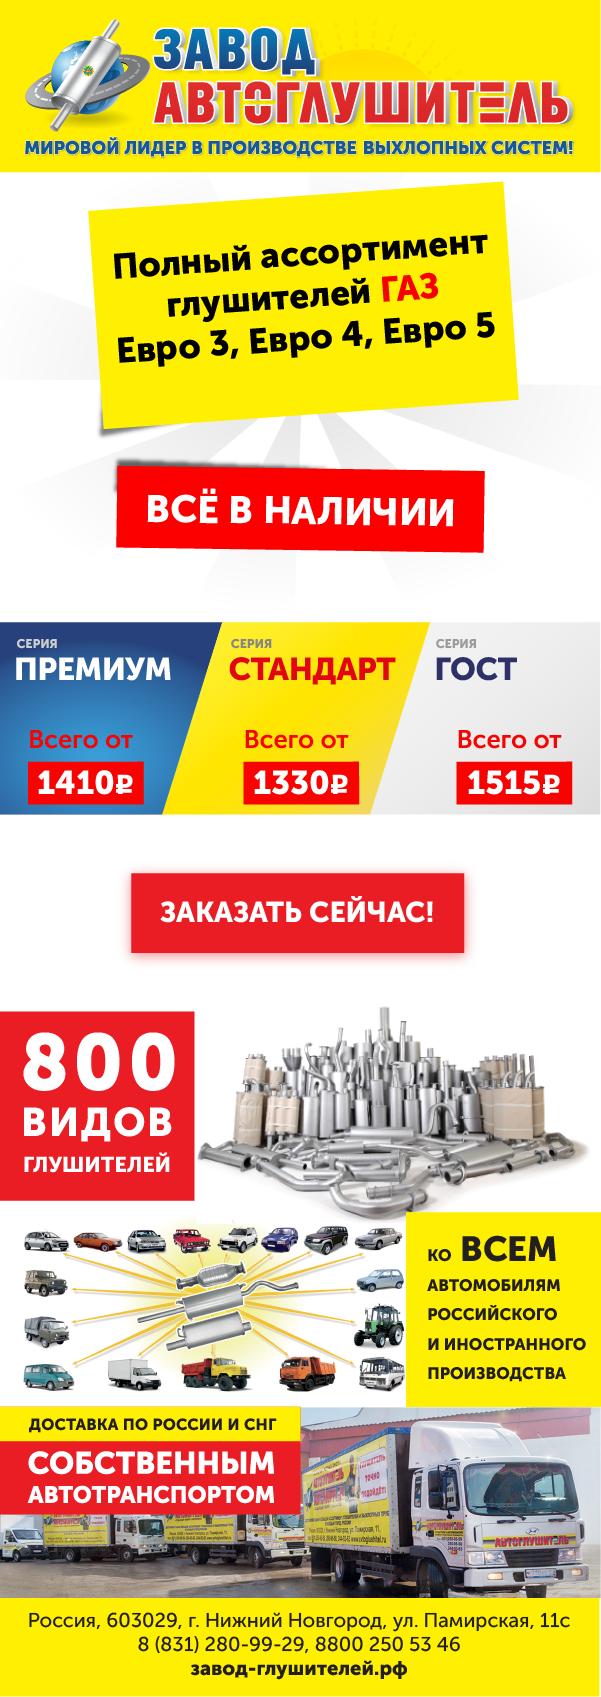 Полный ассортимент глушителей ГАЗ ЕВРО 3, ЕВРО 4, ЕВРО 5. Все в наличии!